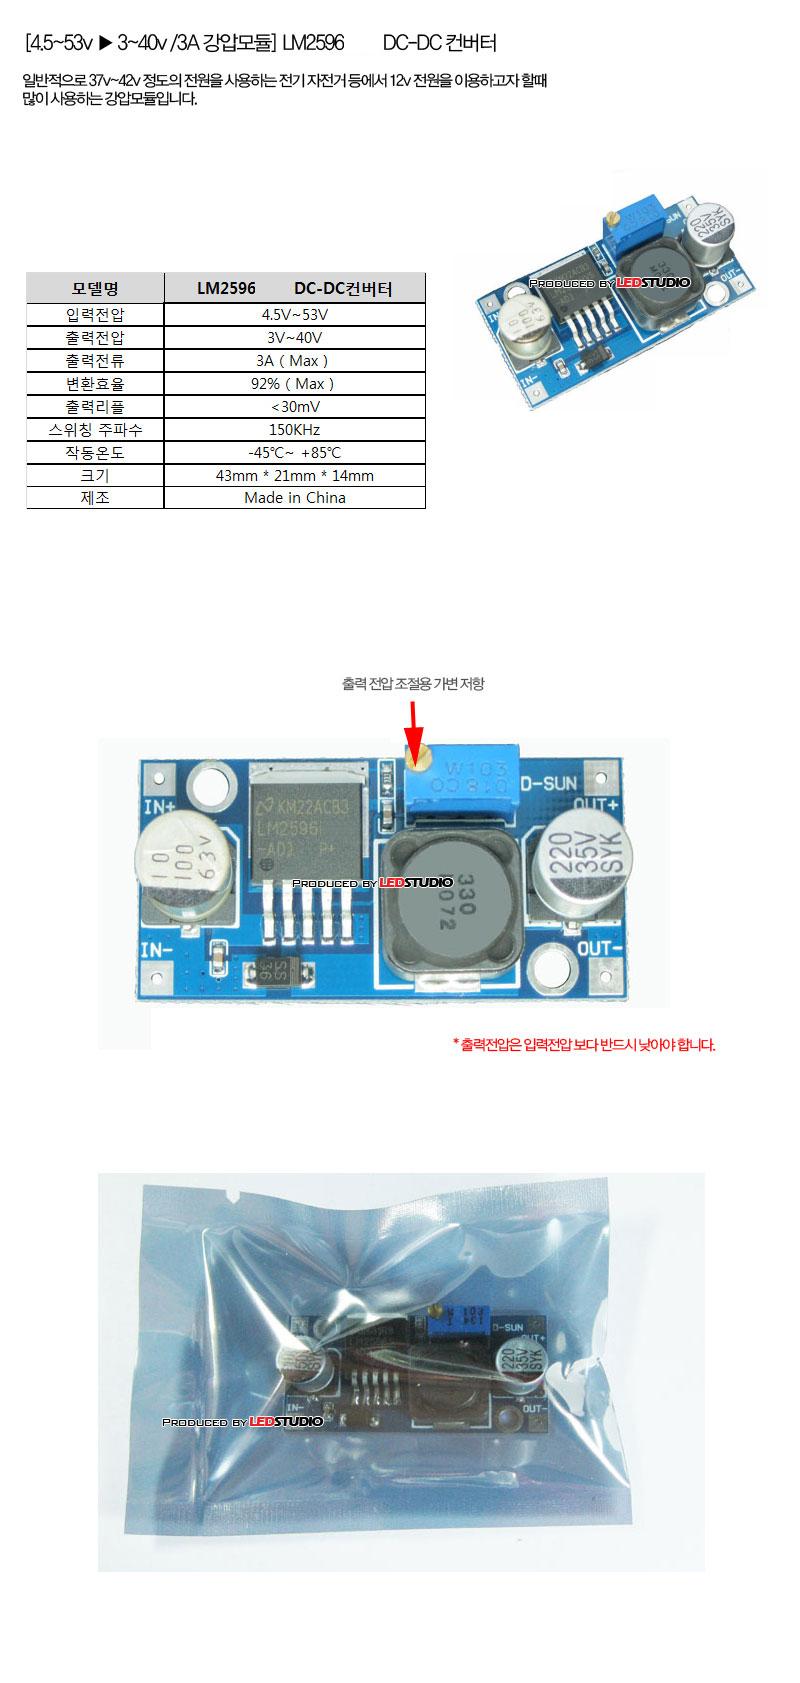 [4.5~53v ▶ 3~40v /3A 강압모듈]  LM2596 DC-DC 컨버터